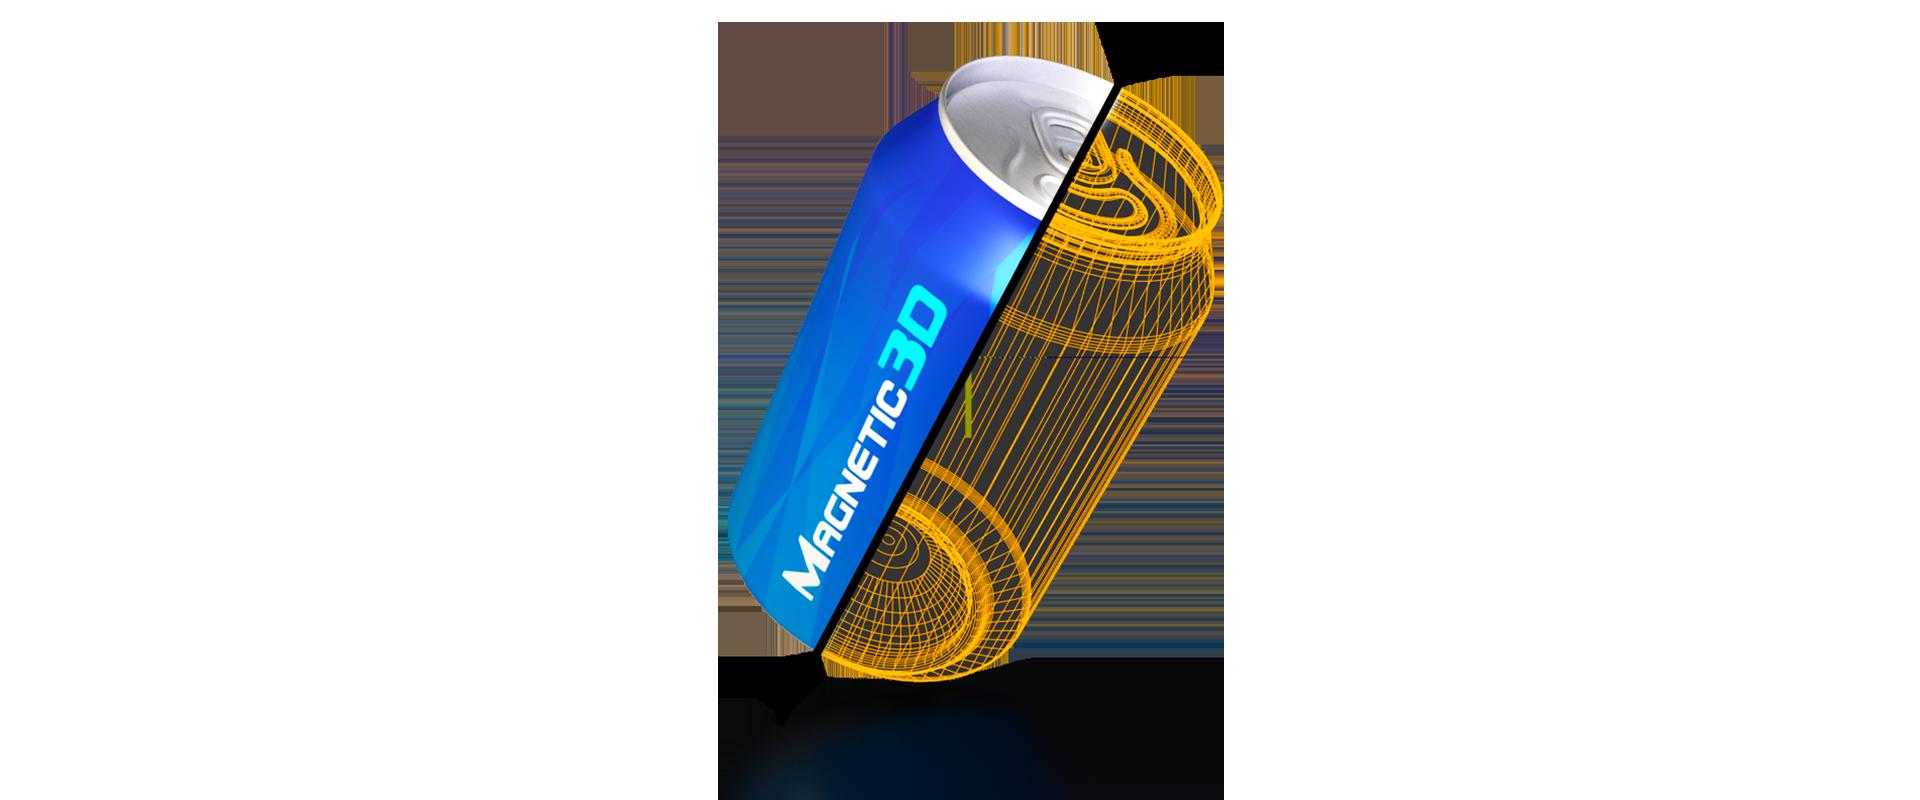 3D content creation